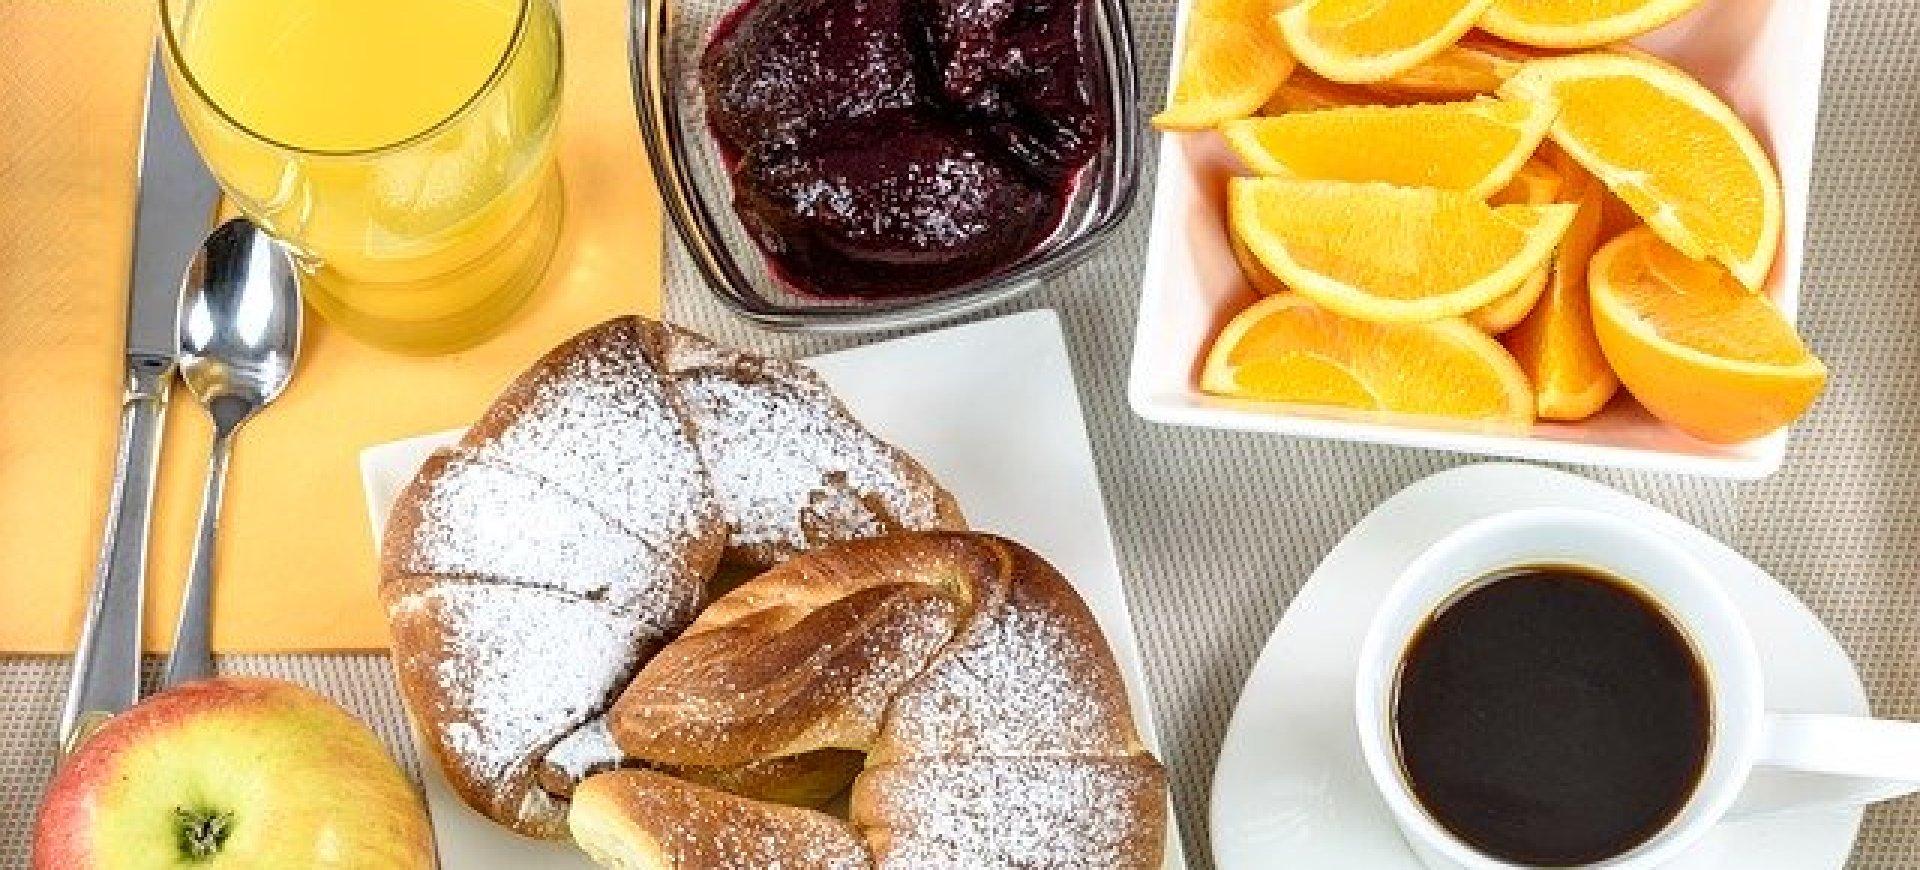 Pokoje hotelowe - weekendowa oferta ze śniadaniem - OFERTA BEZZWROTNA